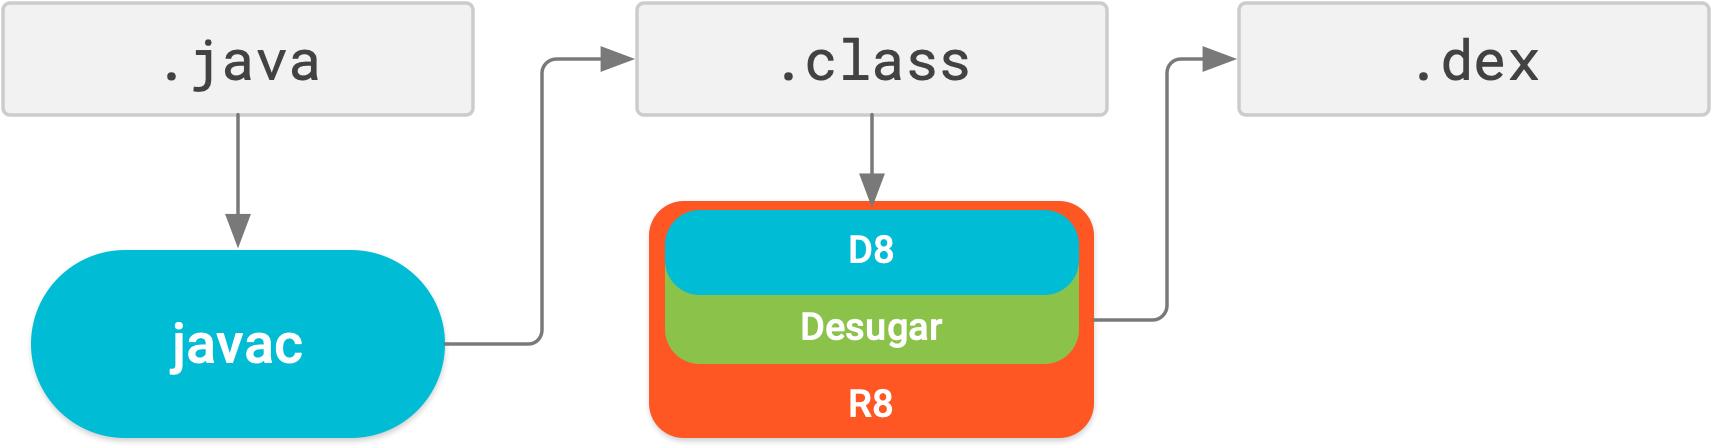 Con R8, la expansión de sintaxis, la reducción, la ofuscación, la optimización y la conversión a dex se llevan a cabo en un único paso de compilación.